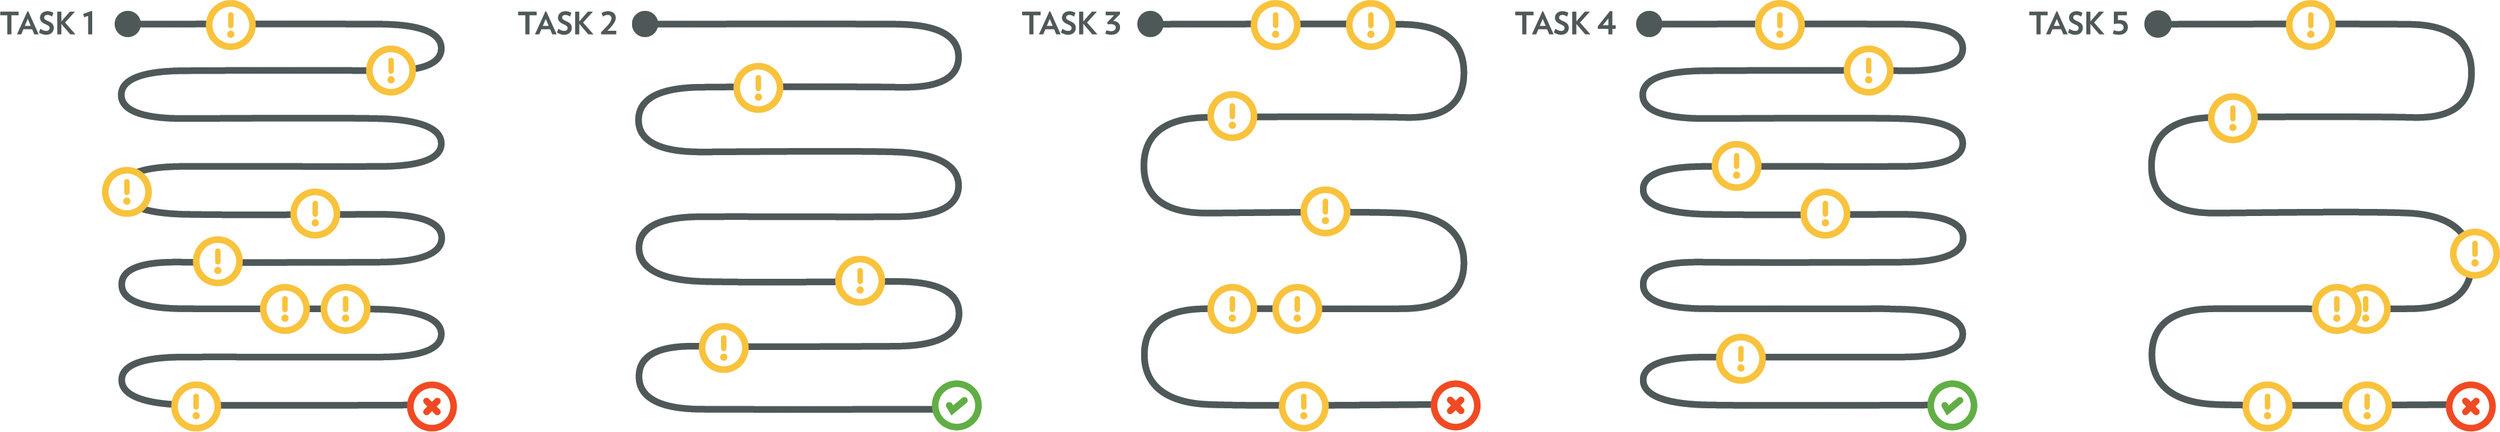 user-experience-roadblocks-2.jpg